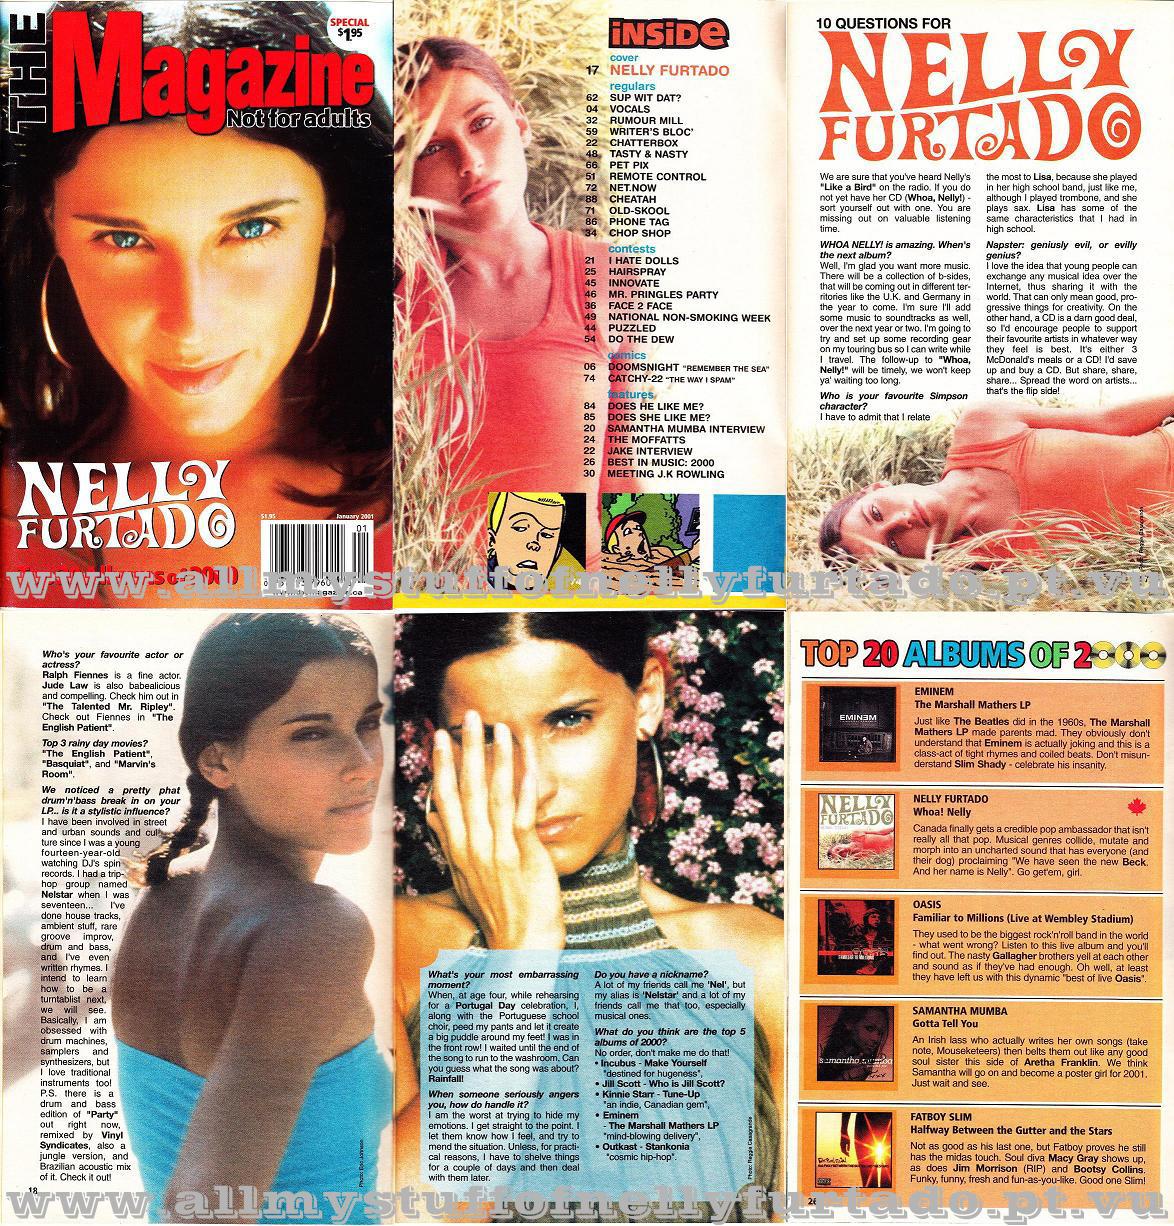 http://3.bp.blogspot.com/-Q8qo4EMtSAM/T7vwUYj4sXI/AAAAAAAAHRc/rVI7UNqbCYw/s1600/TheMagazineCanada2001.jpg